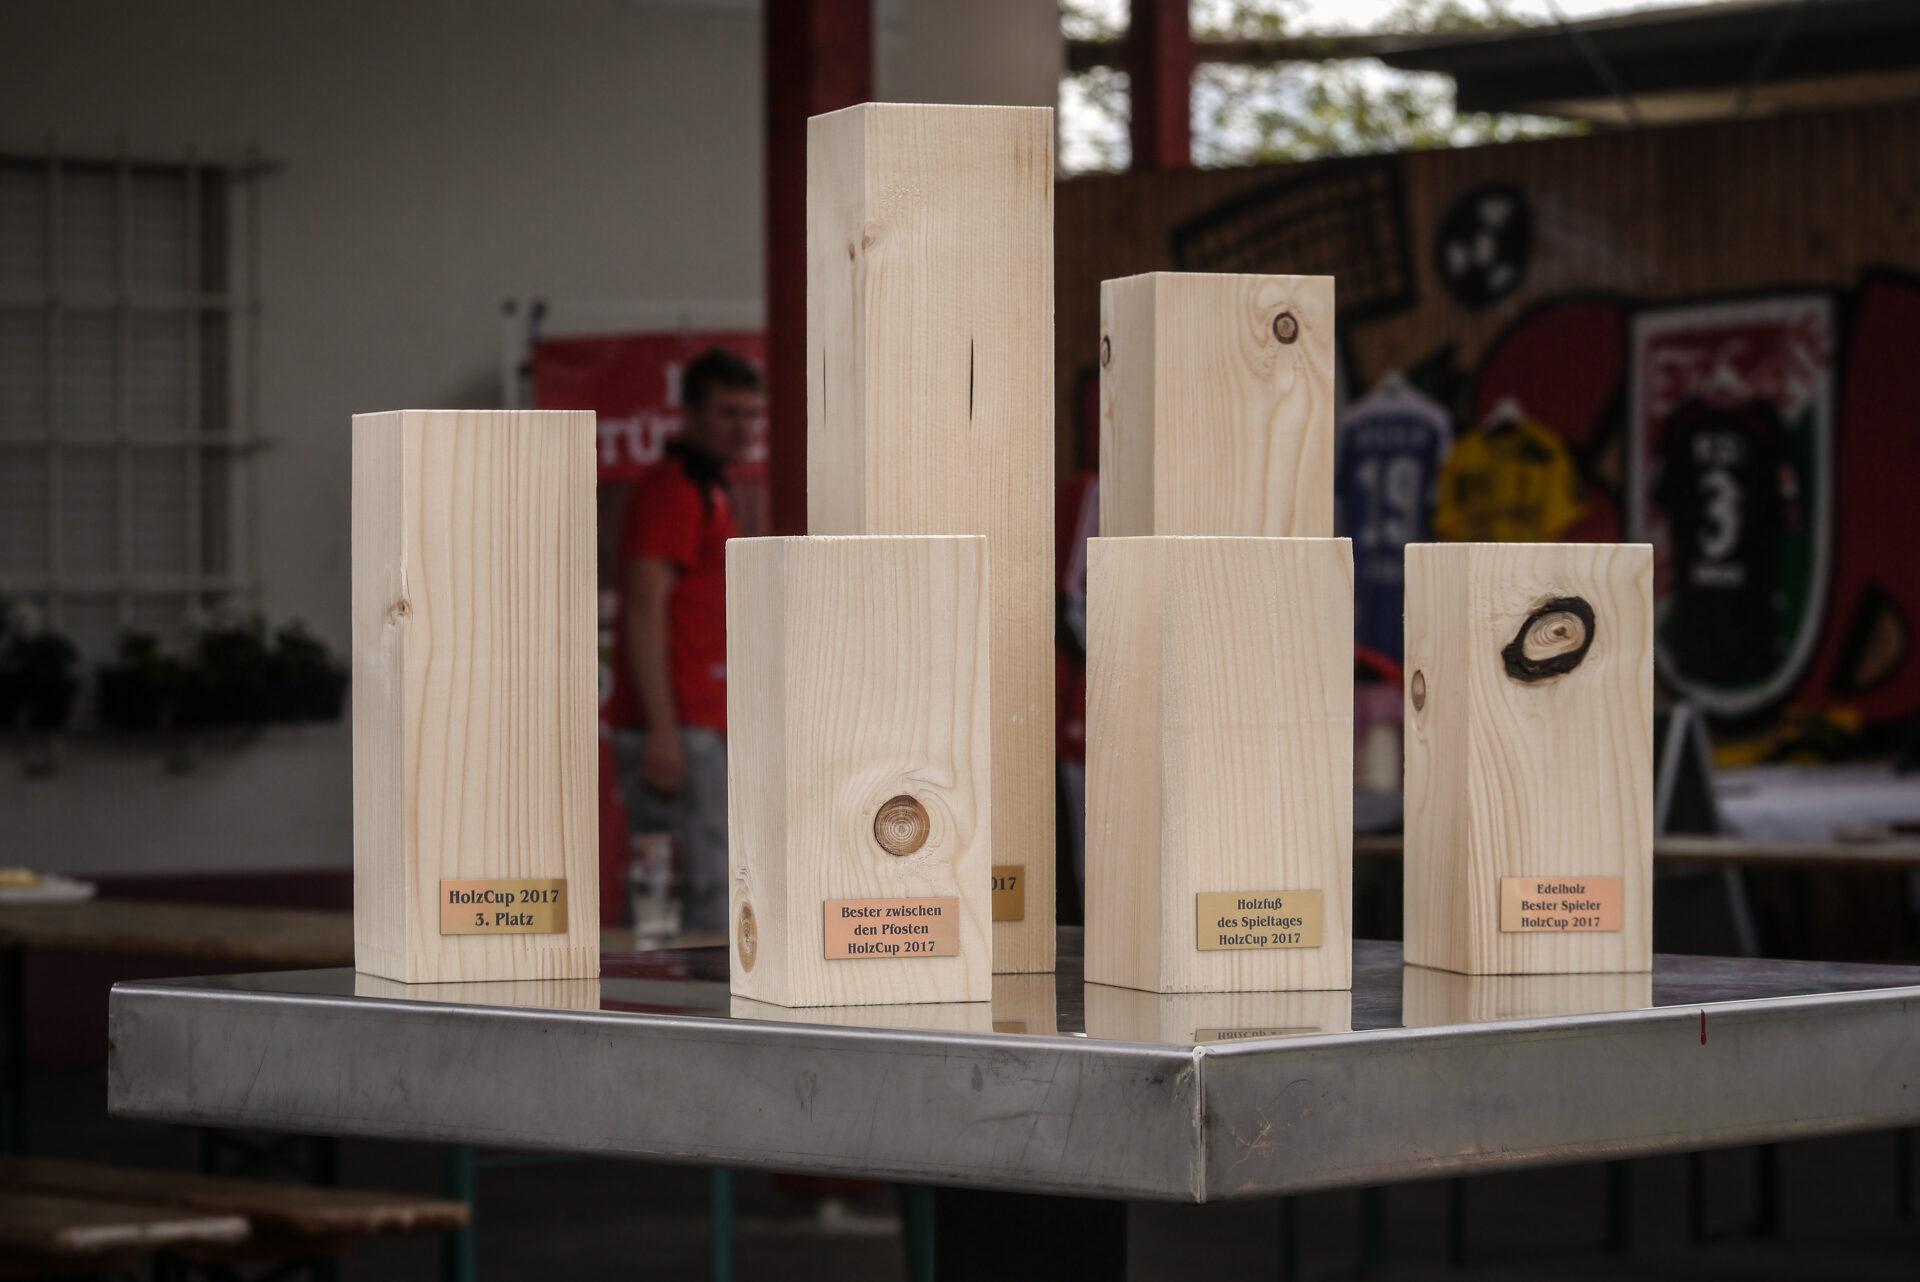 Die Holzpfosten sind bereit für den 2. Brennholz-Cup